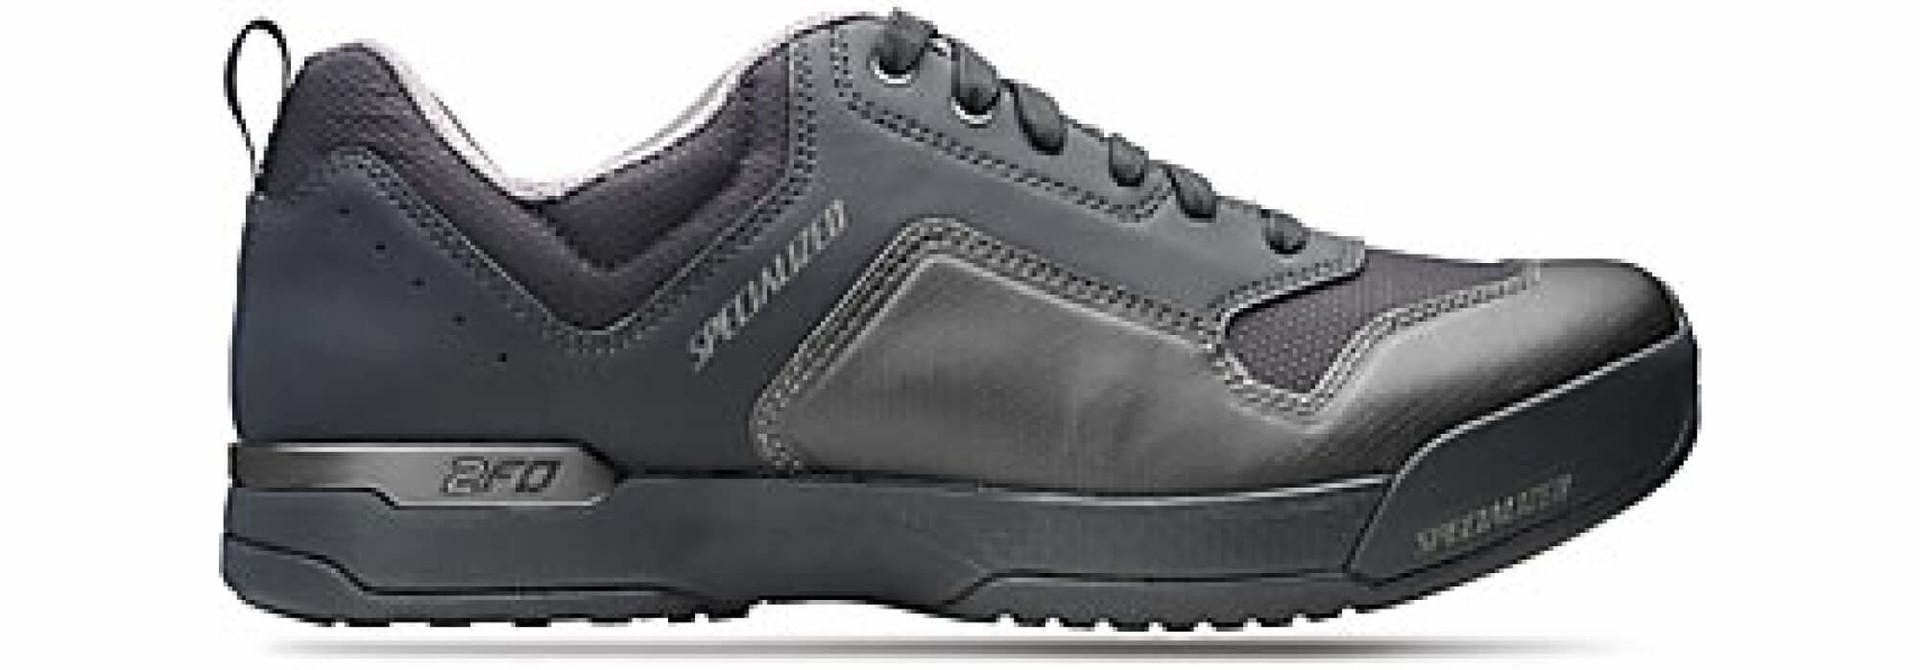 2FO Cliplite Lace MTB Shoe Blk 38 Size: 38